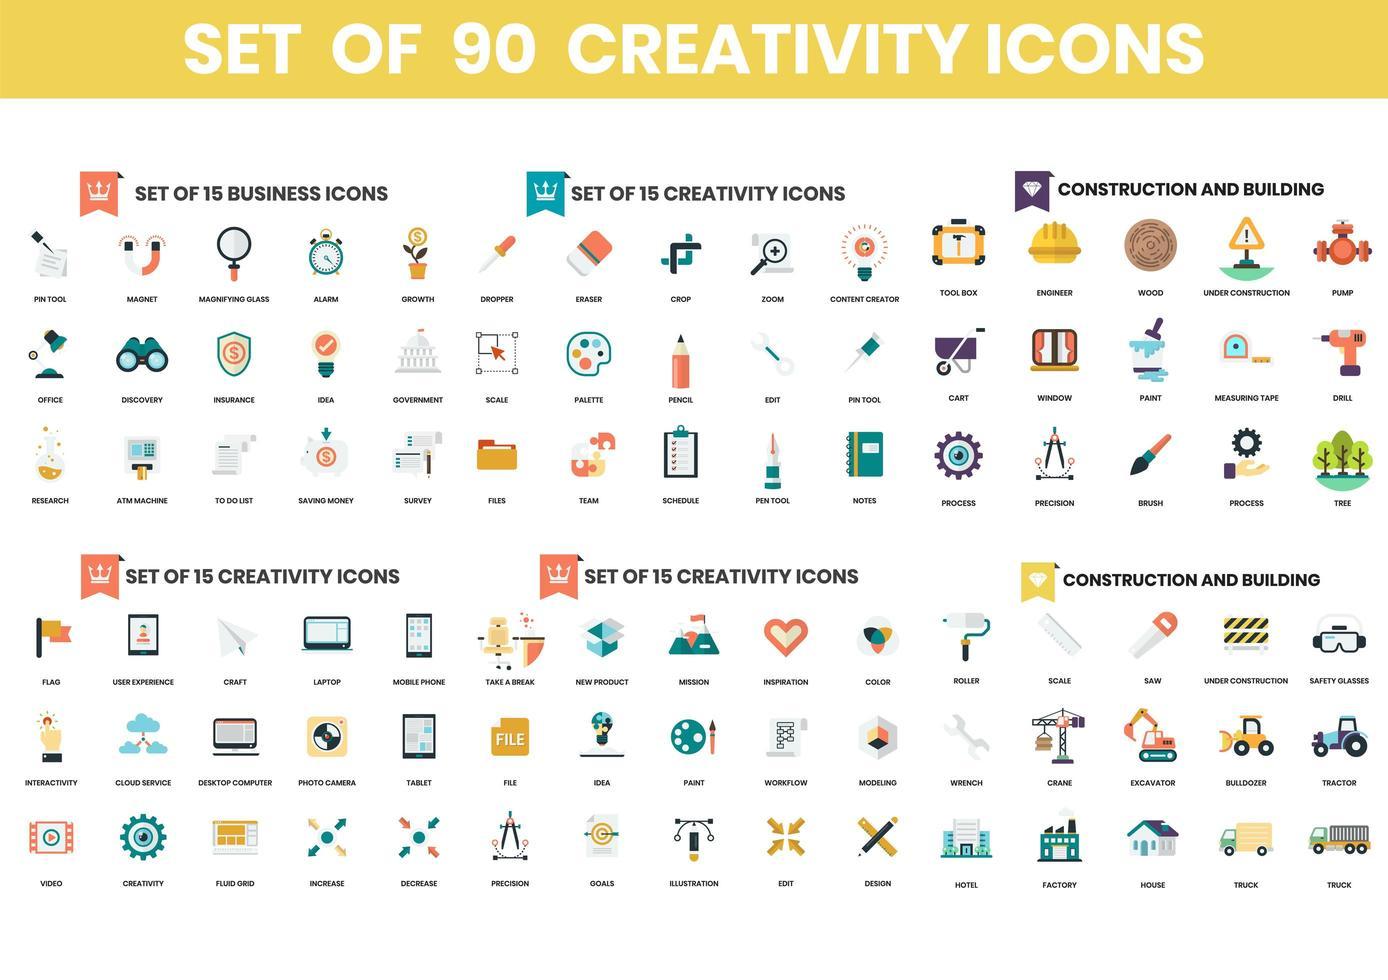 uppsättning av 90 kreativitet och konstruktionsikoner vektor